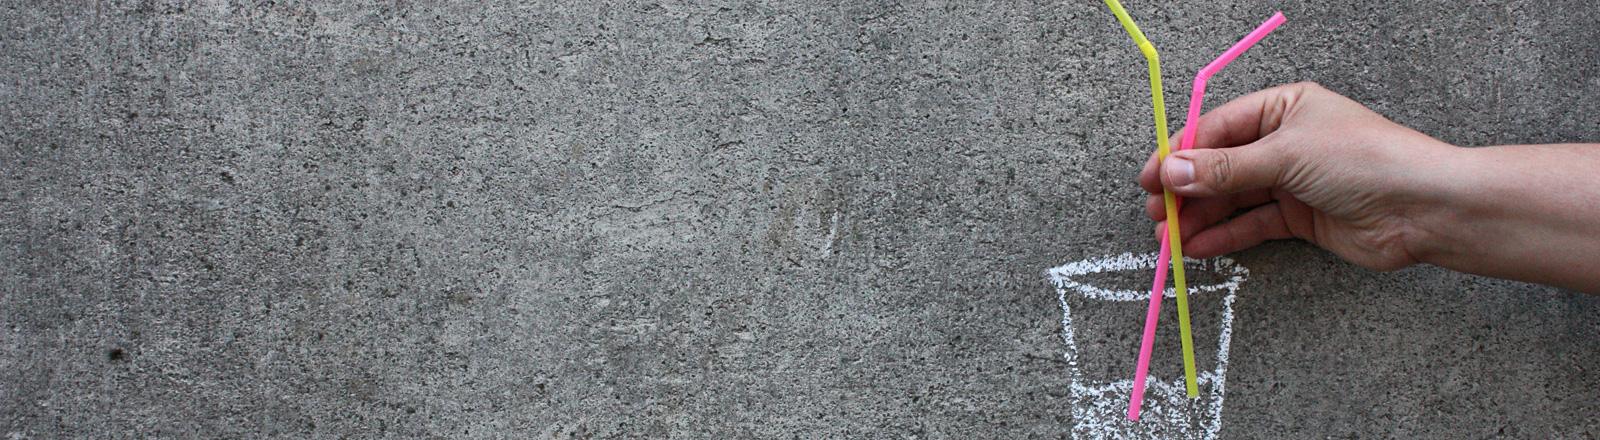 Auf eine graue Wand ist mit weißer Kreide ein Becher gezeichnet. Eine Hand hält zwei Strohhalme in den Becher.